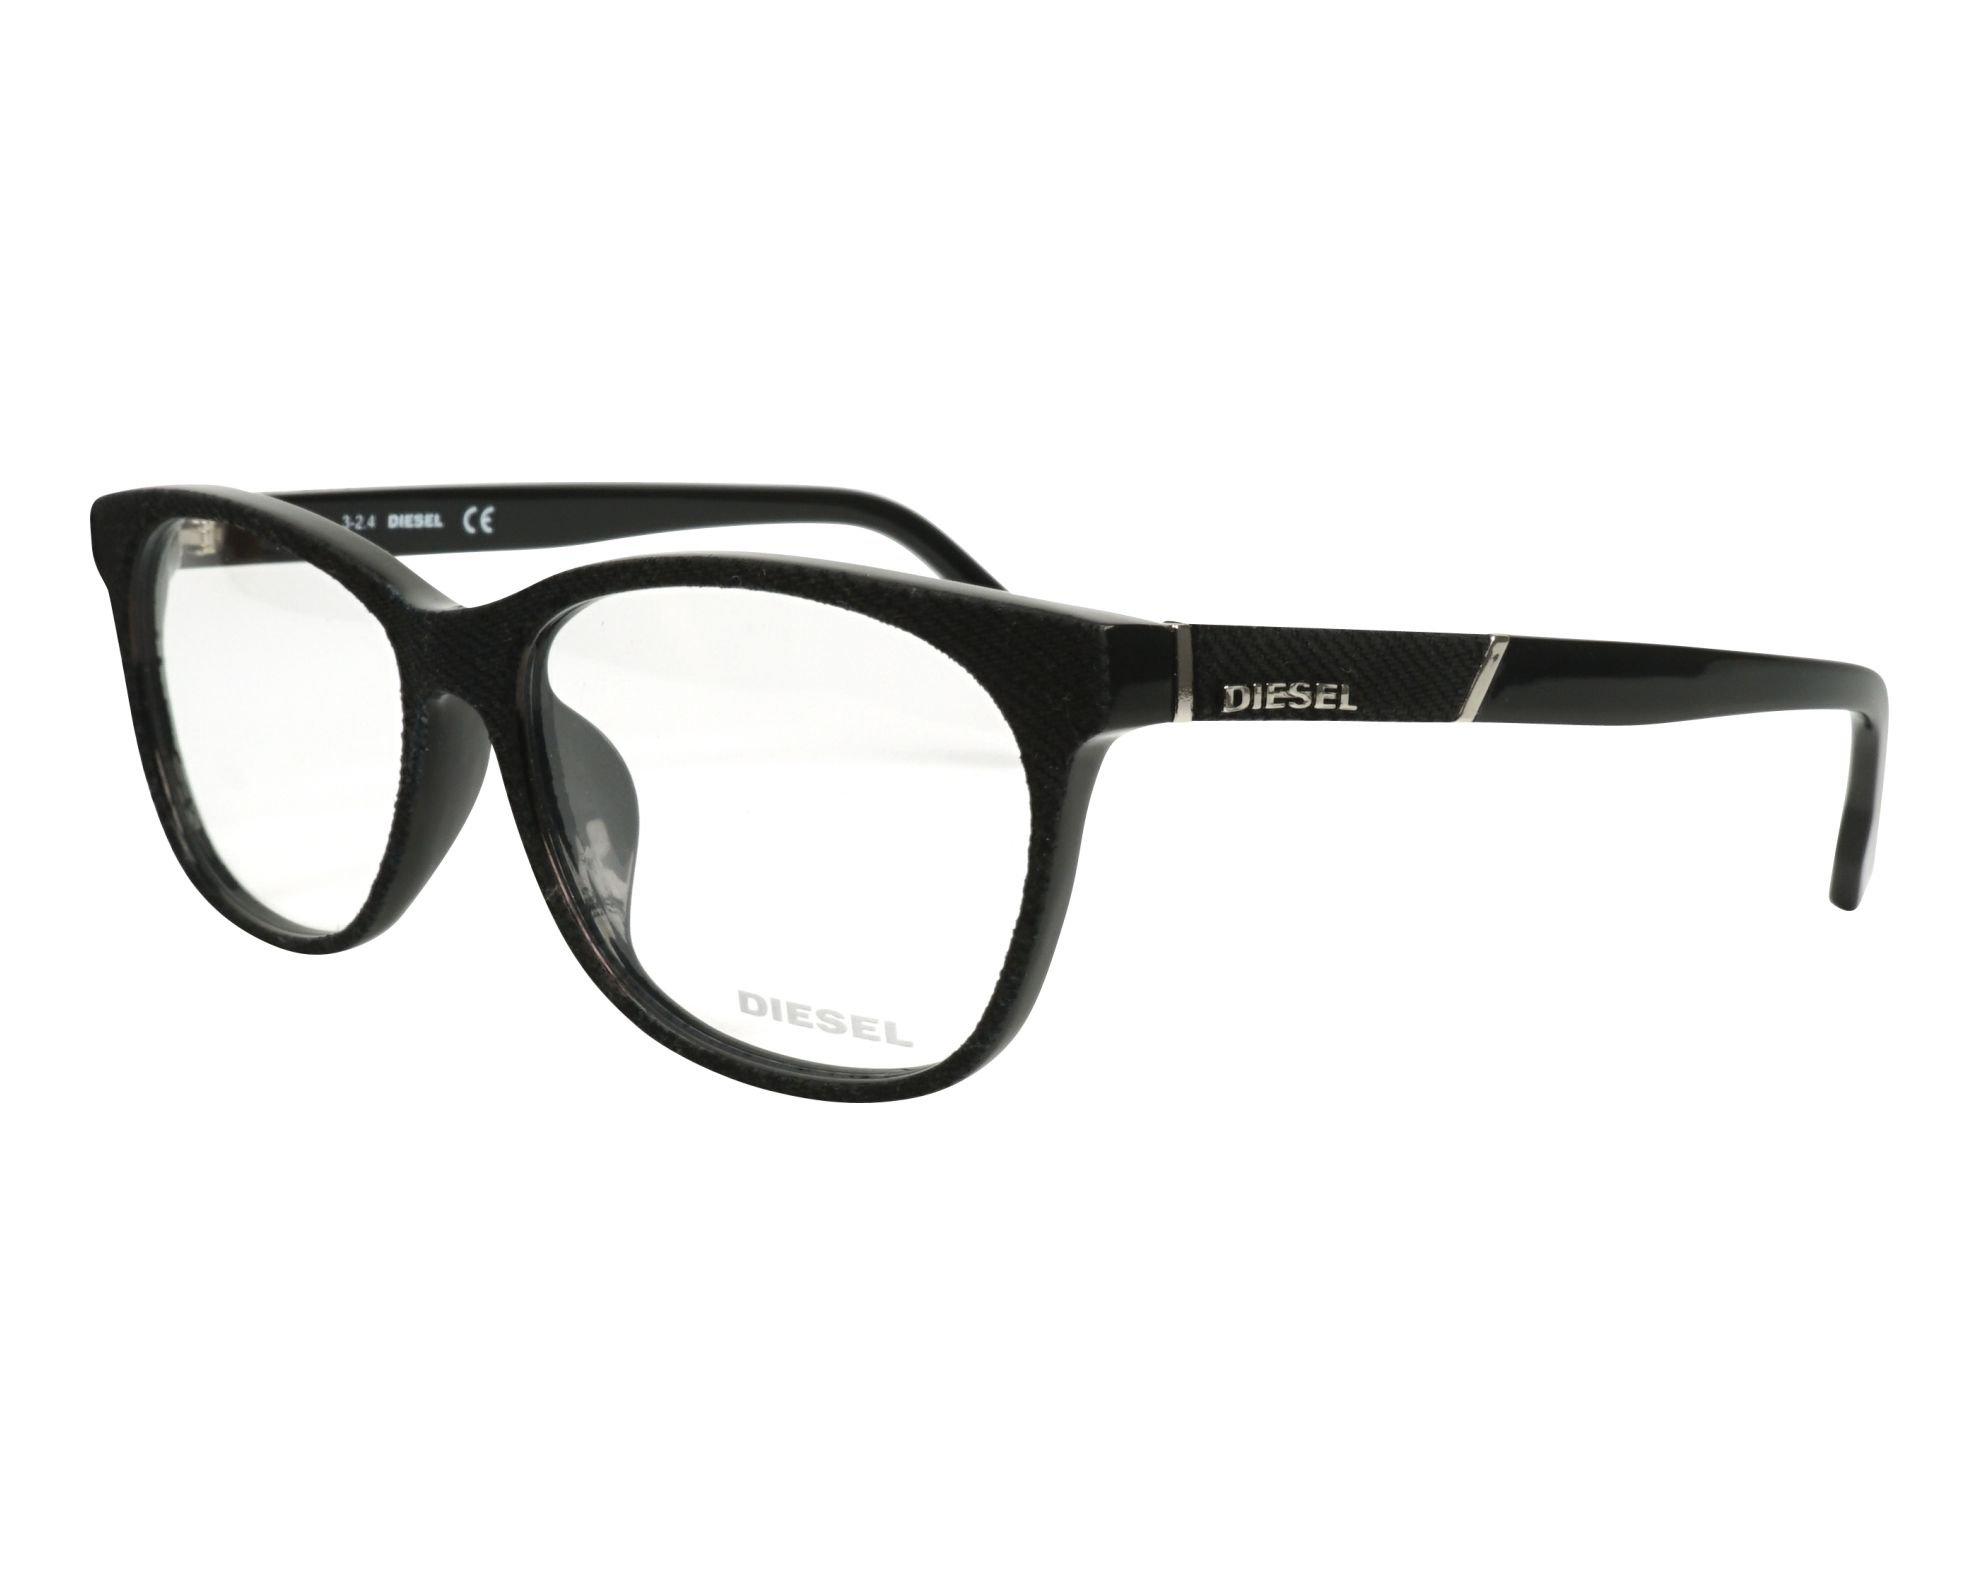 Diesel Rx Eyeglasses Frames DL5144-D 005 58-16-150 Black Denim / Black Asian Fit